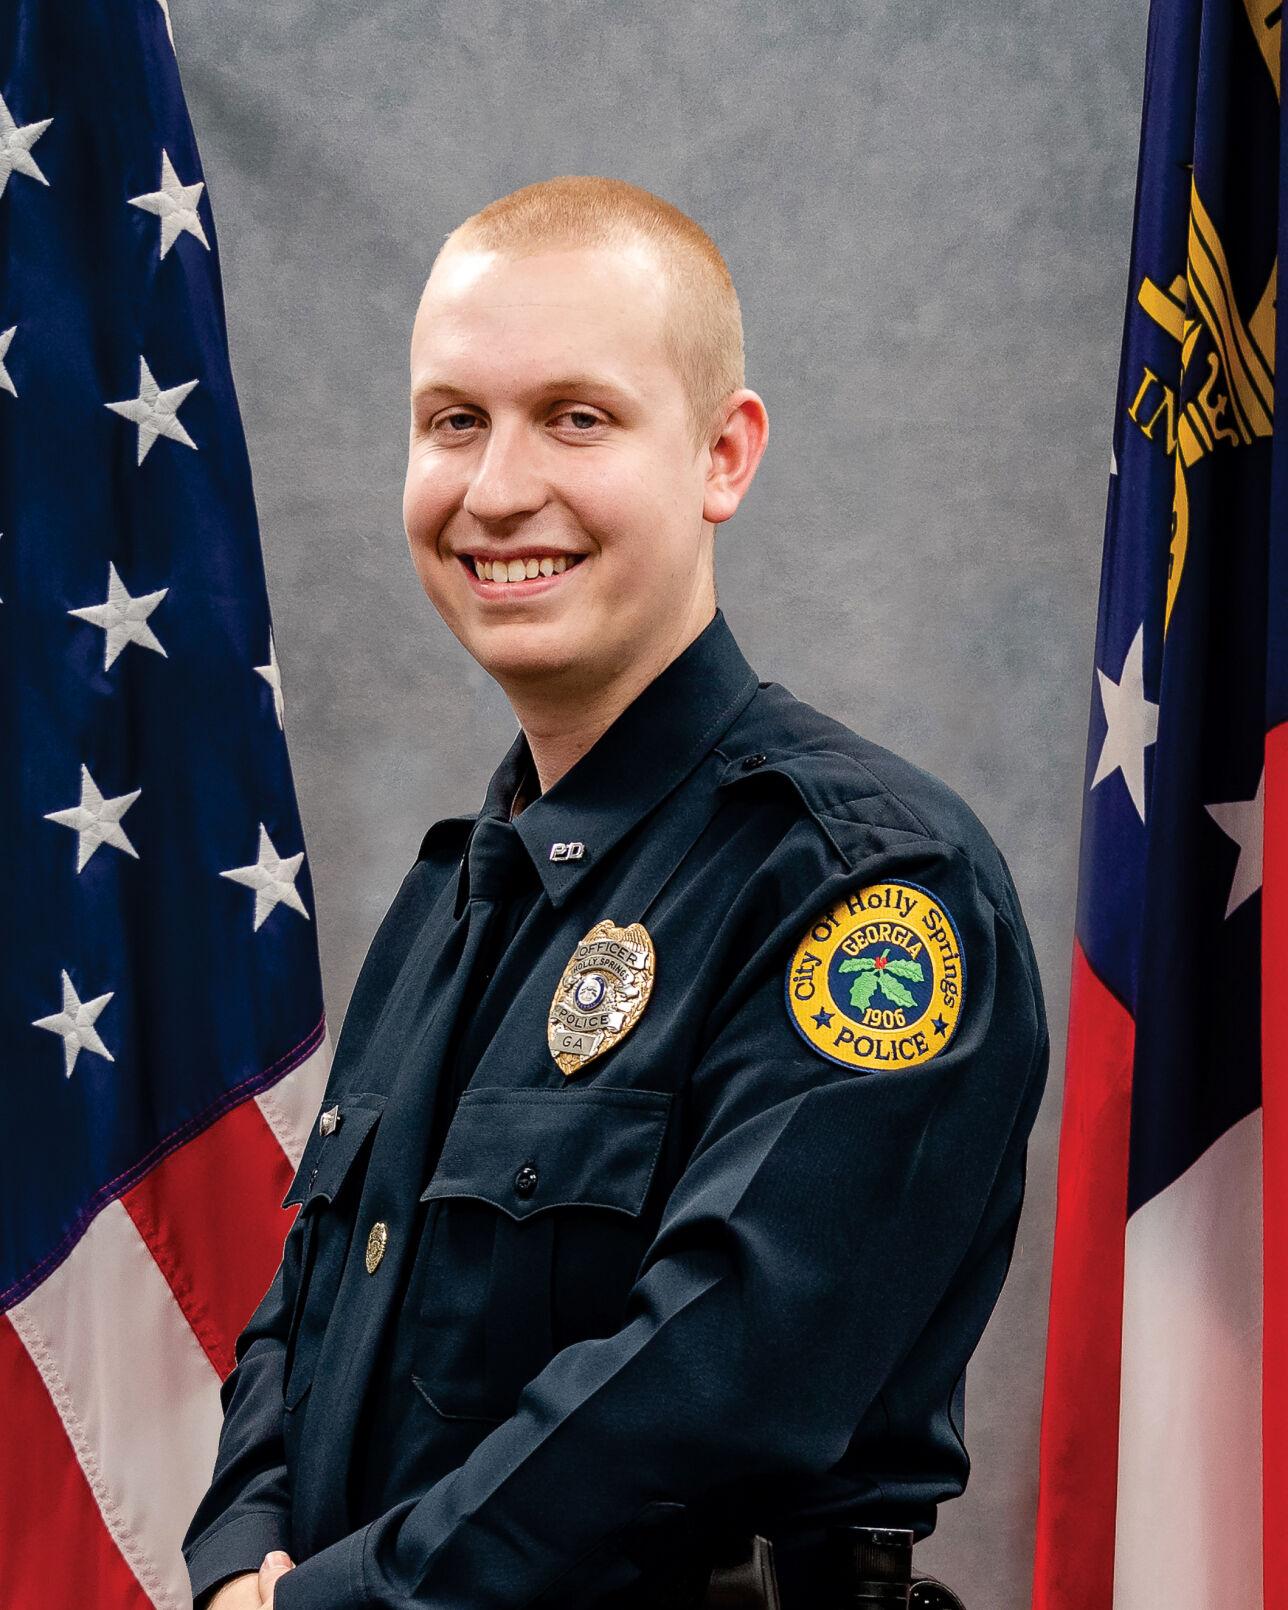 Officer Burson.jpg